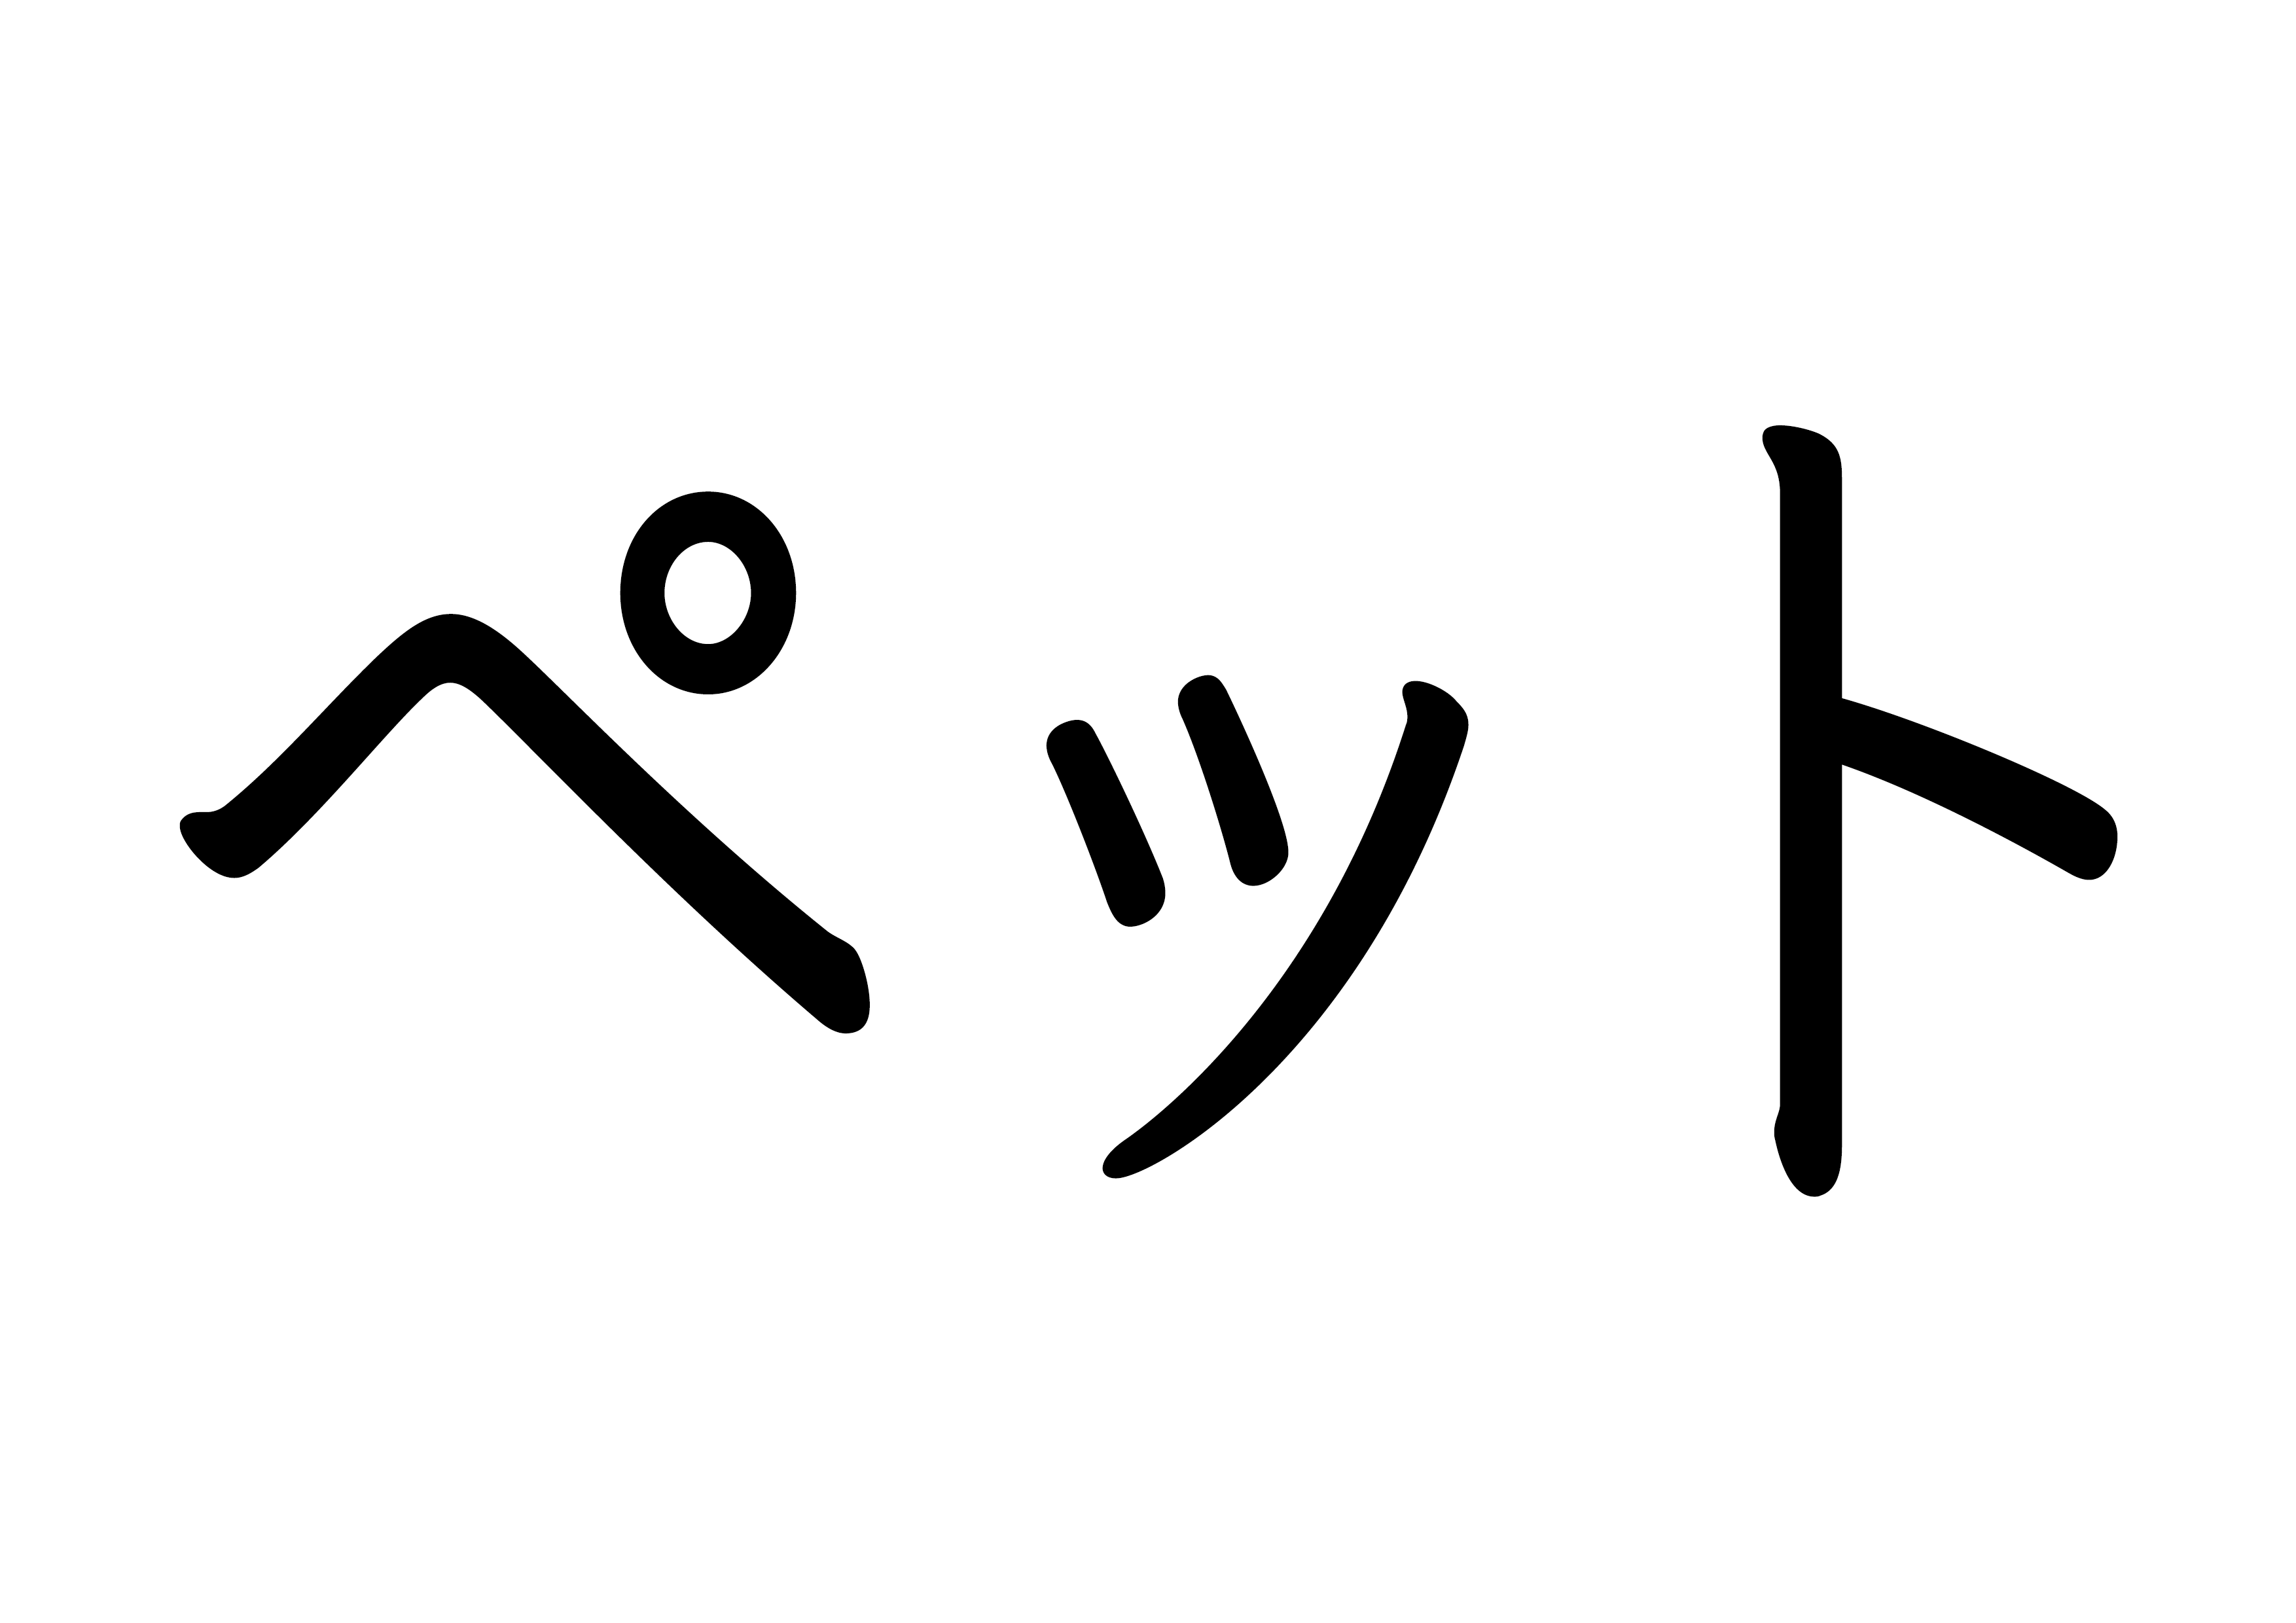 カタカナ【ペット】